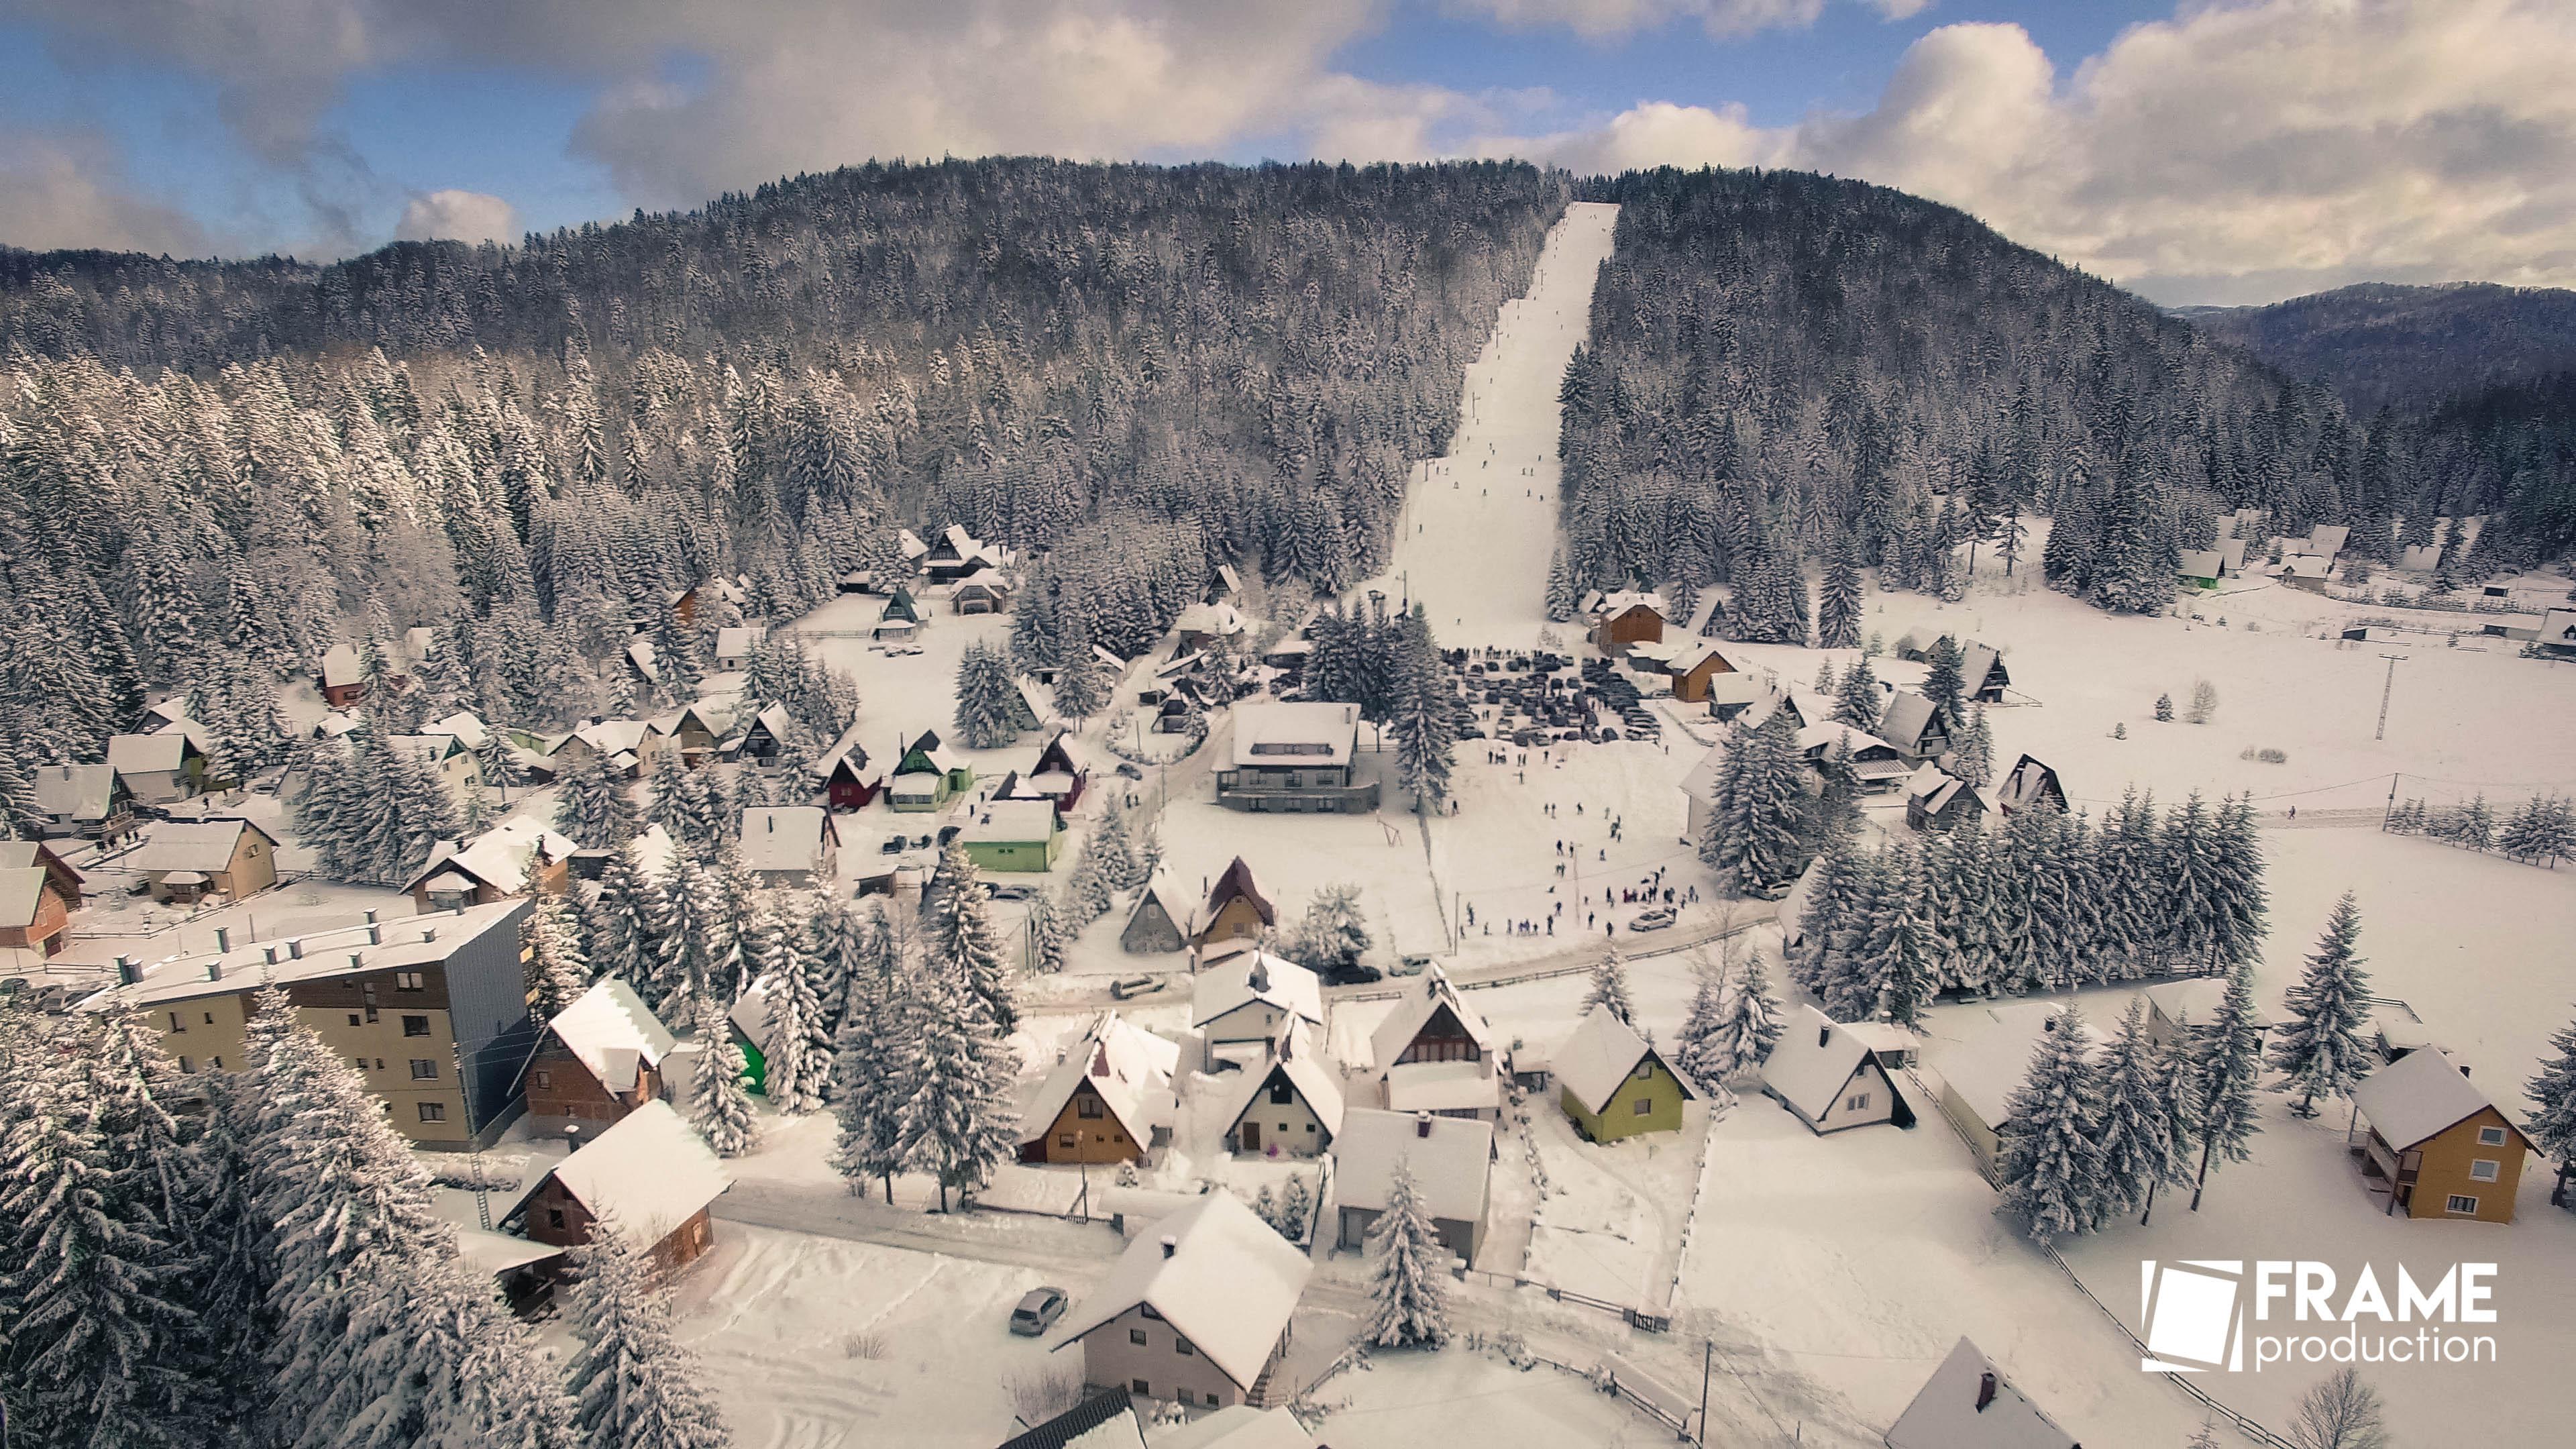 Ski centar Ponijeri: Raspored rada ski lifta za narednih sedam dana